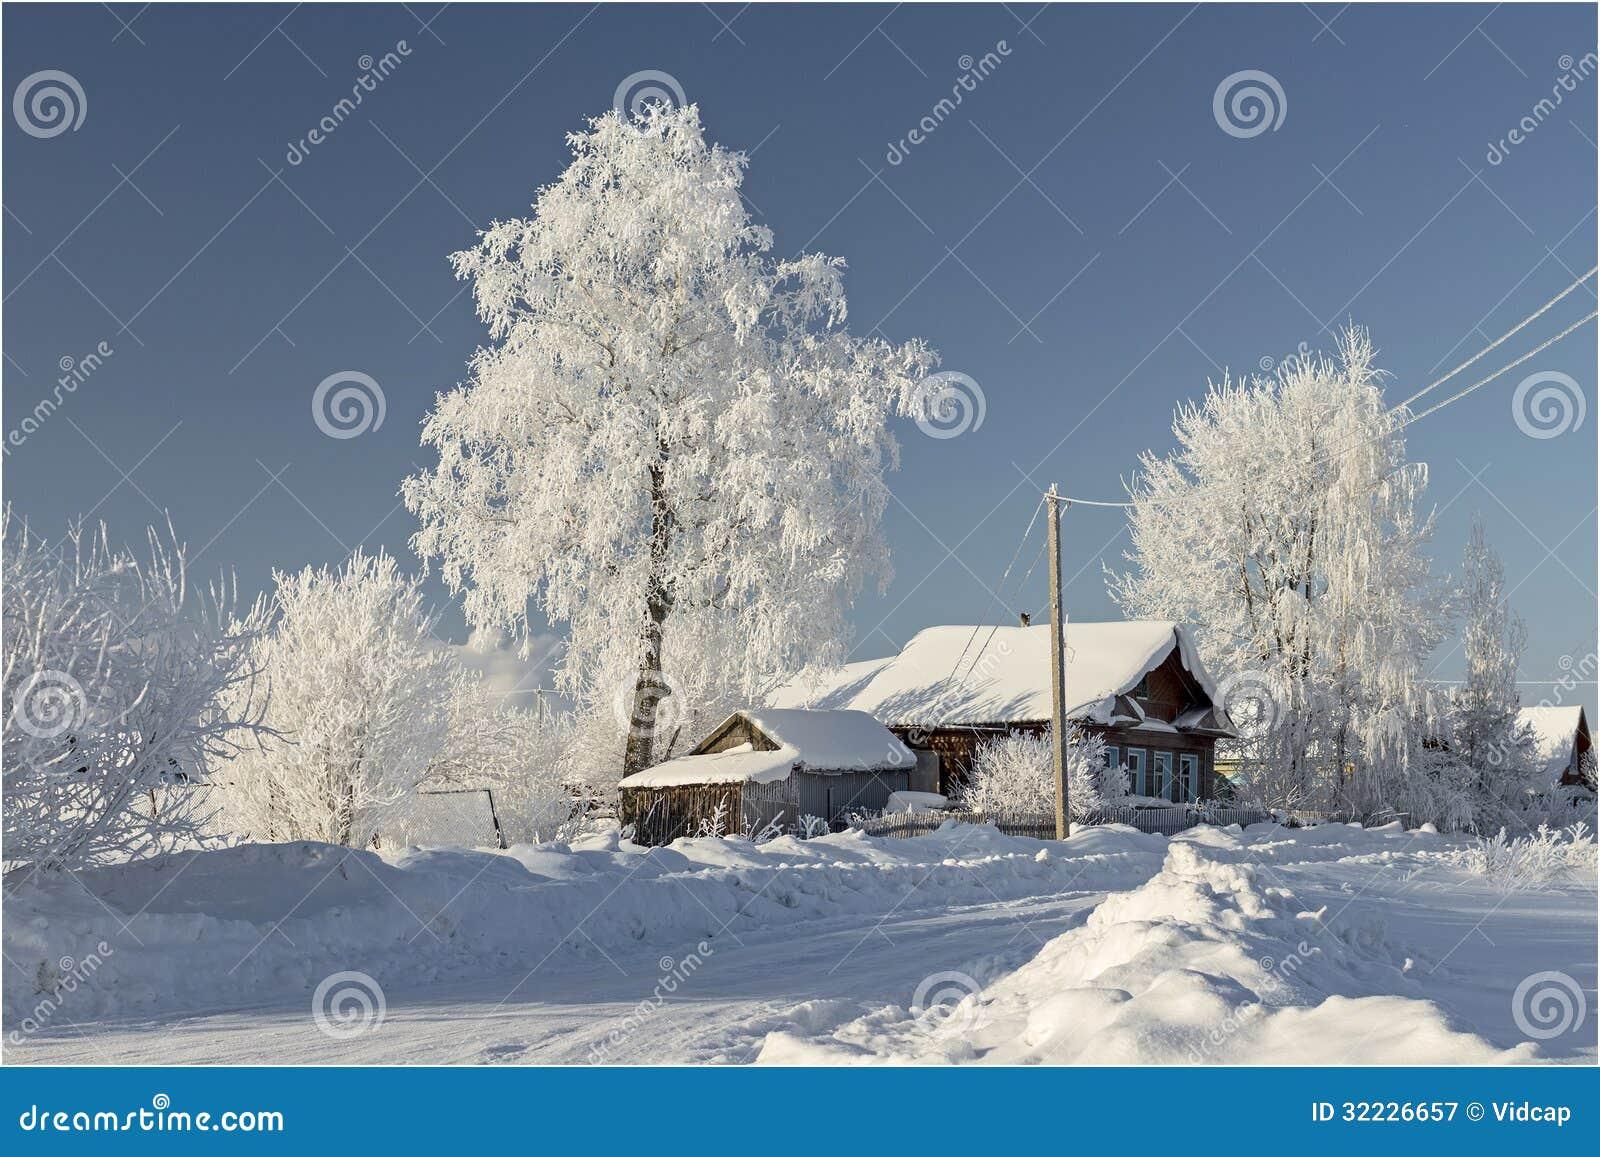 Download Natureza imagem de stock. Imagem de bonito, frio, snowy - 32226657